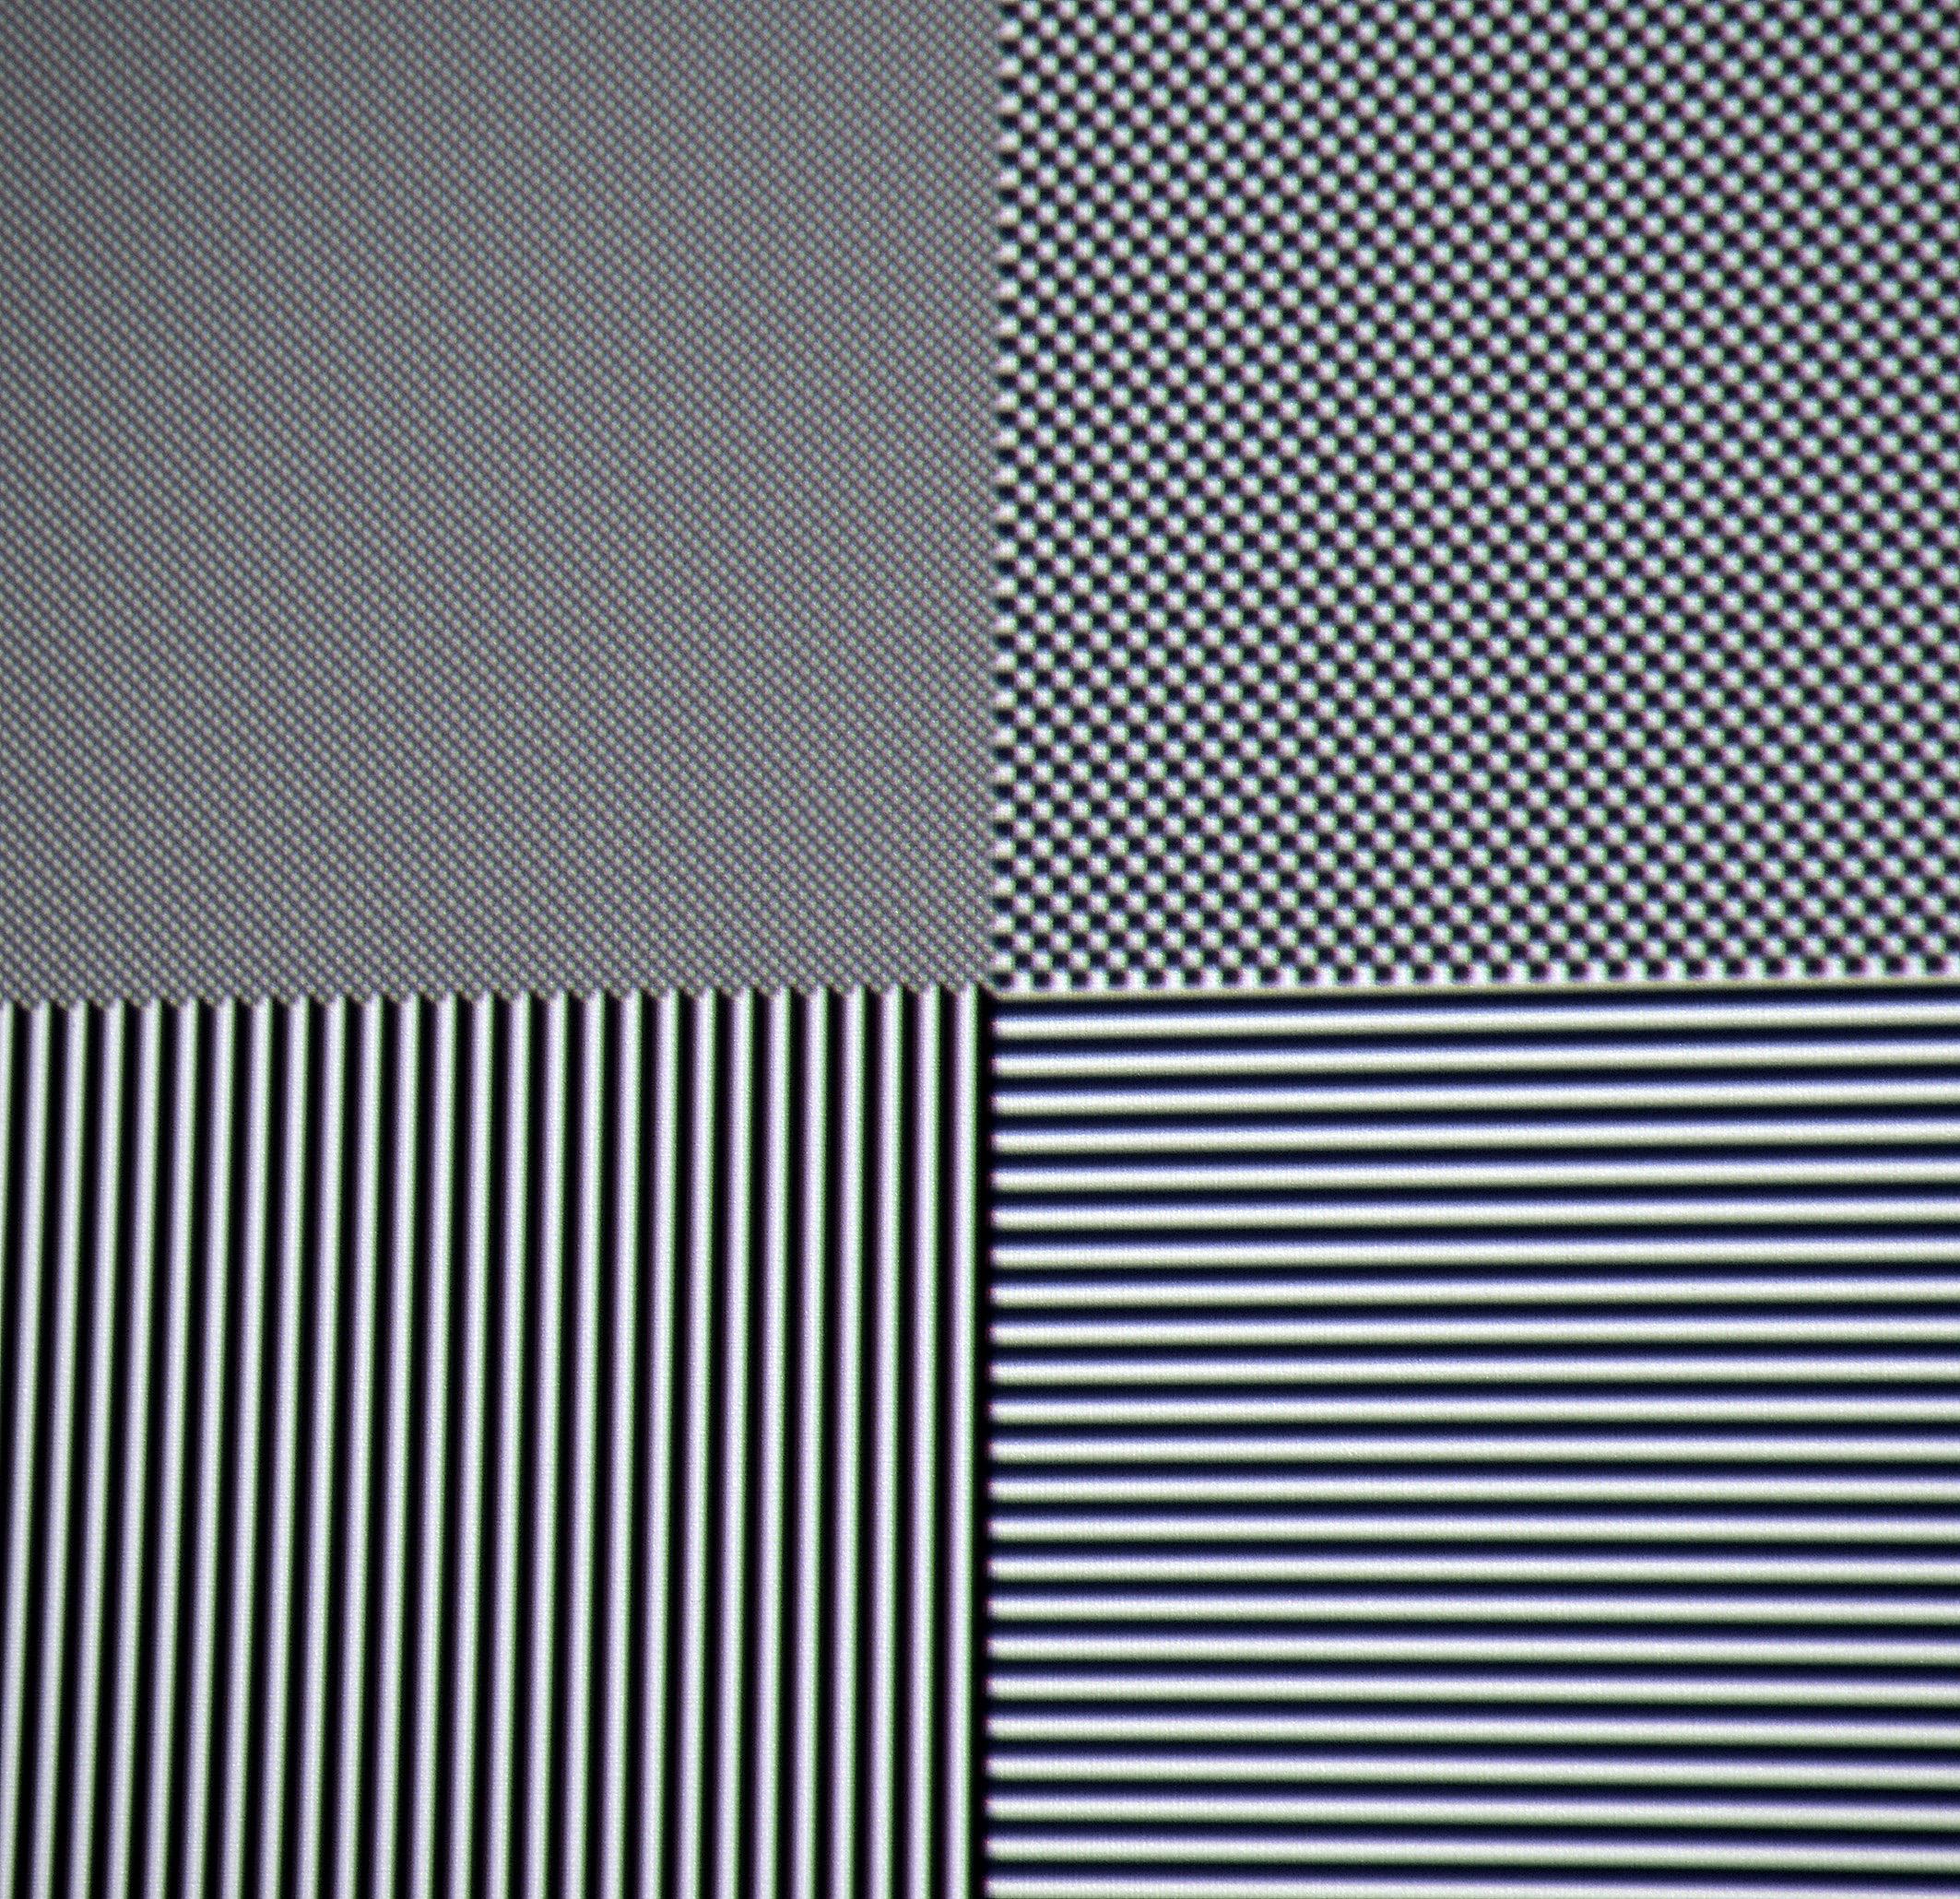 Full-HD-Auflösung: Knackscharf und mit vollem Kontrast wird das Schachbrettmuster in Full-HD-Pixelauflösung (oben links) dargestellt. Die Konvergenz passt super. Allenfalls minimale chromatische Aberrationen seien der Vollständigkeit halber erwähnt, die aber aus normalen Betrachtungsabständen nicht mehr sichtbar sind.